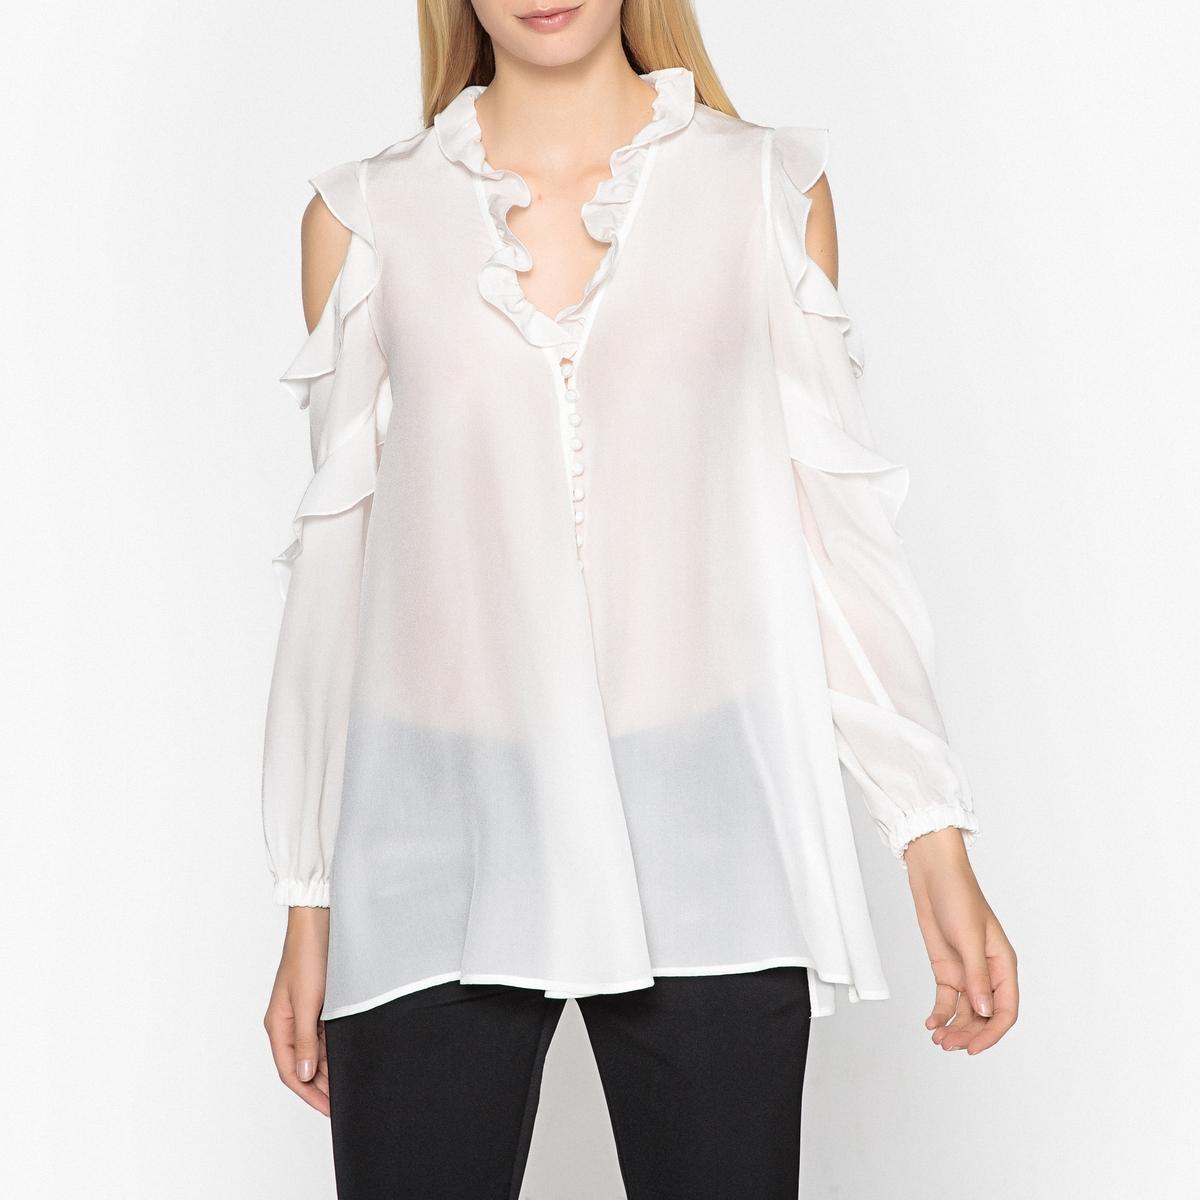 Блузка шелковая с открытыми плечами и воланами msgm топ с крупными воланами